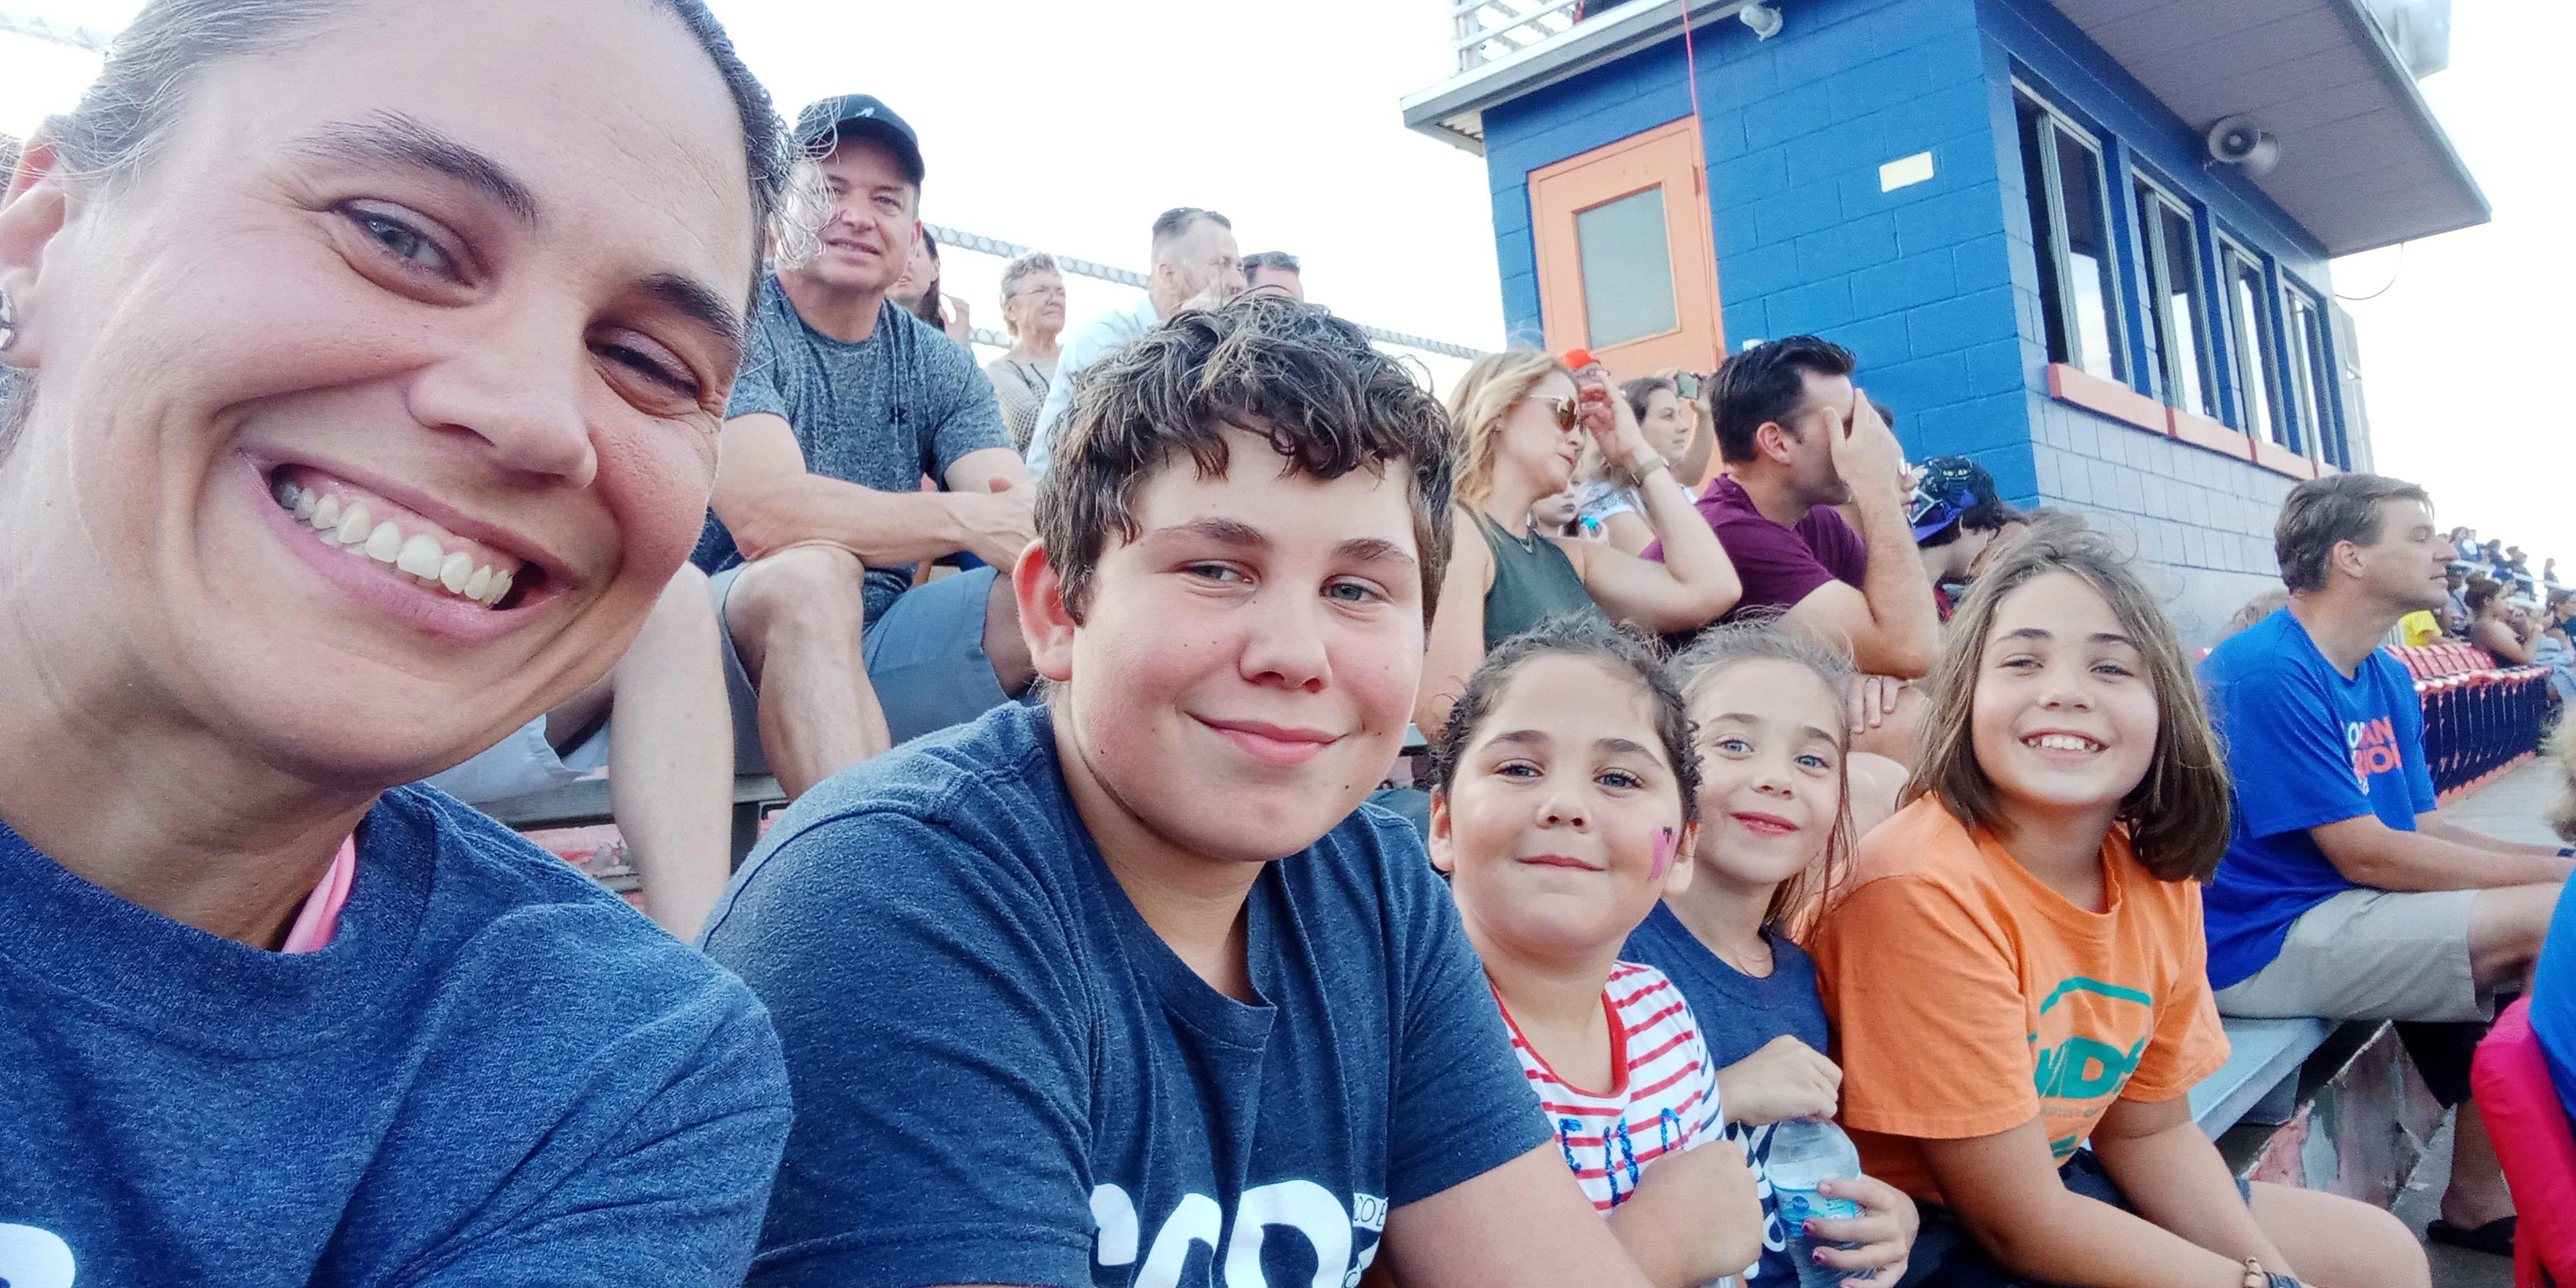 rebekah martin and kids